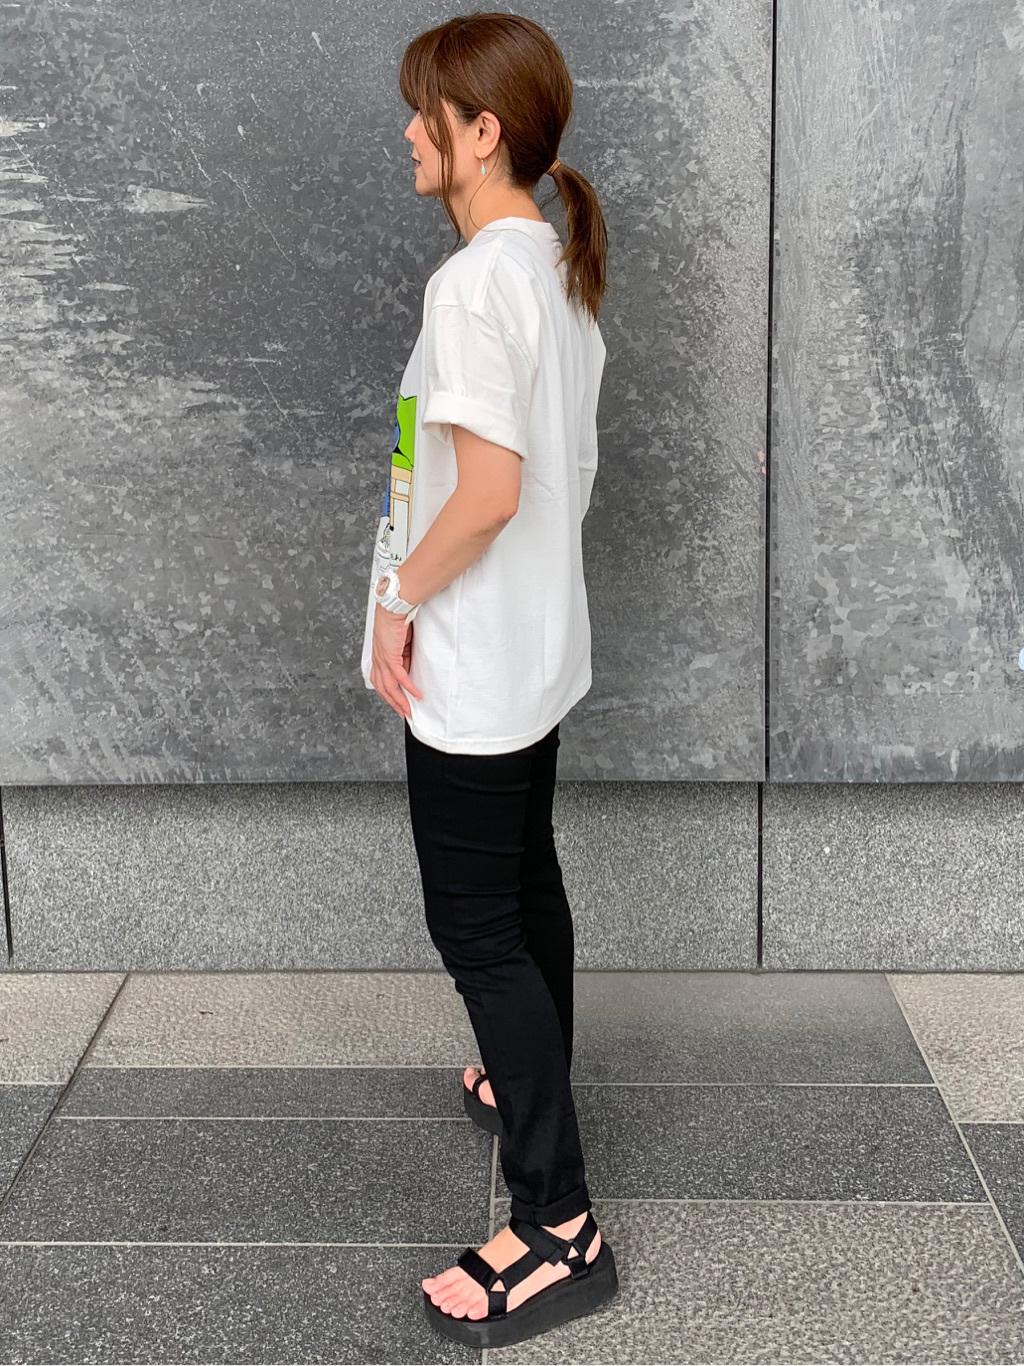 LINKS UMEDA店のYUKIさんのEDWINの【限定】ジーパン女子×江口寿史 Tシャツ Afternoon class 【ユニセックス】を使ったコーディネート